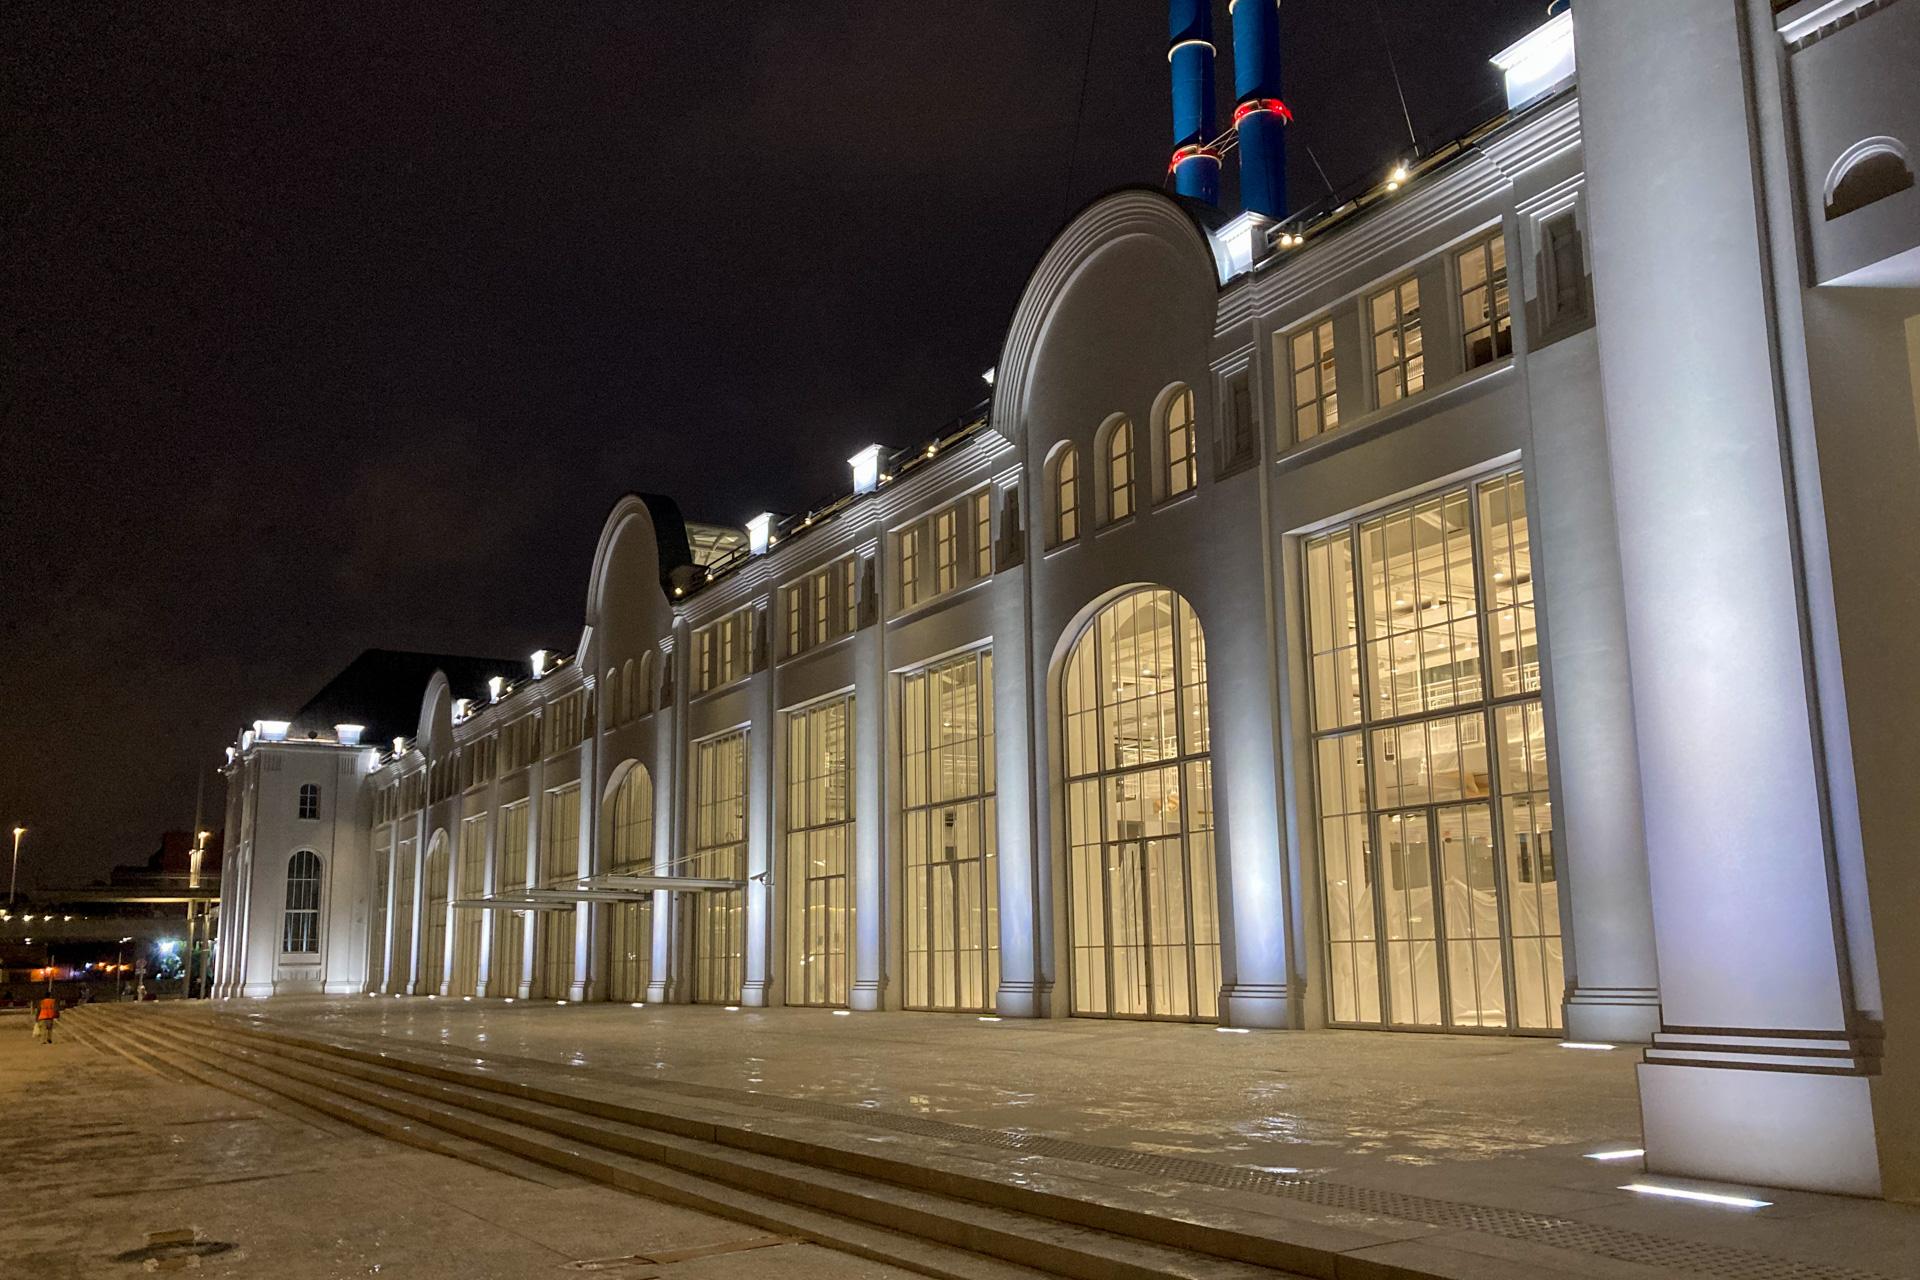 ГЭС-2. Это не самая ближняя дорога на Ленинский проспект за несколькими предметами гжели. Никого нет, здание еще закрыто. Большие окна и много света.